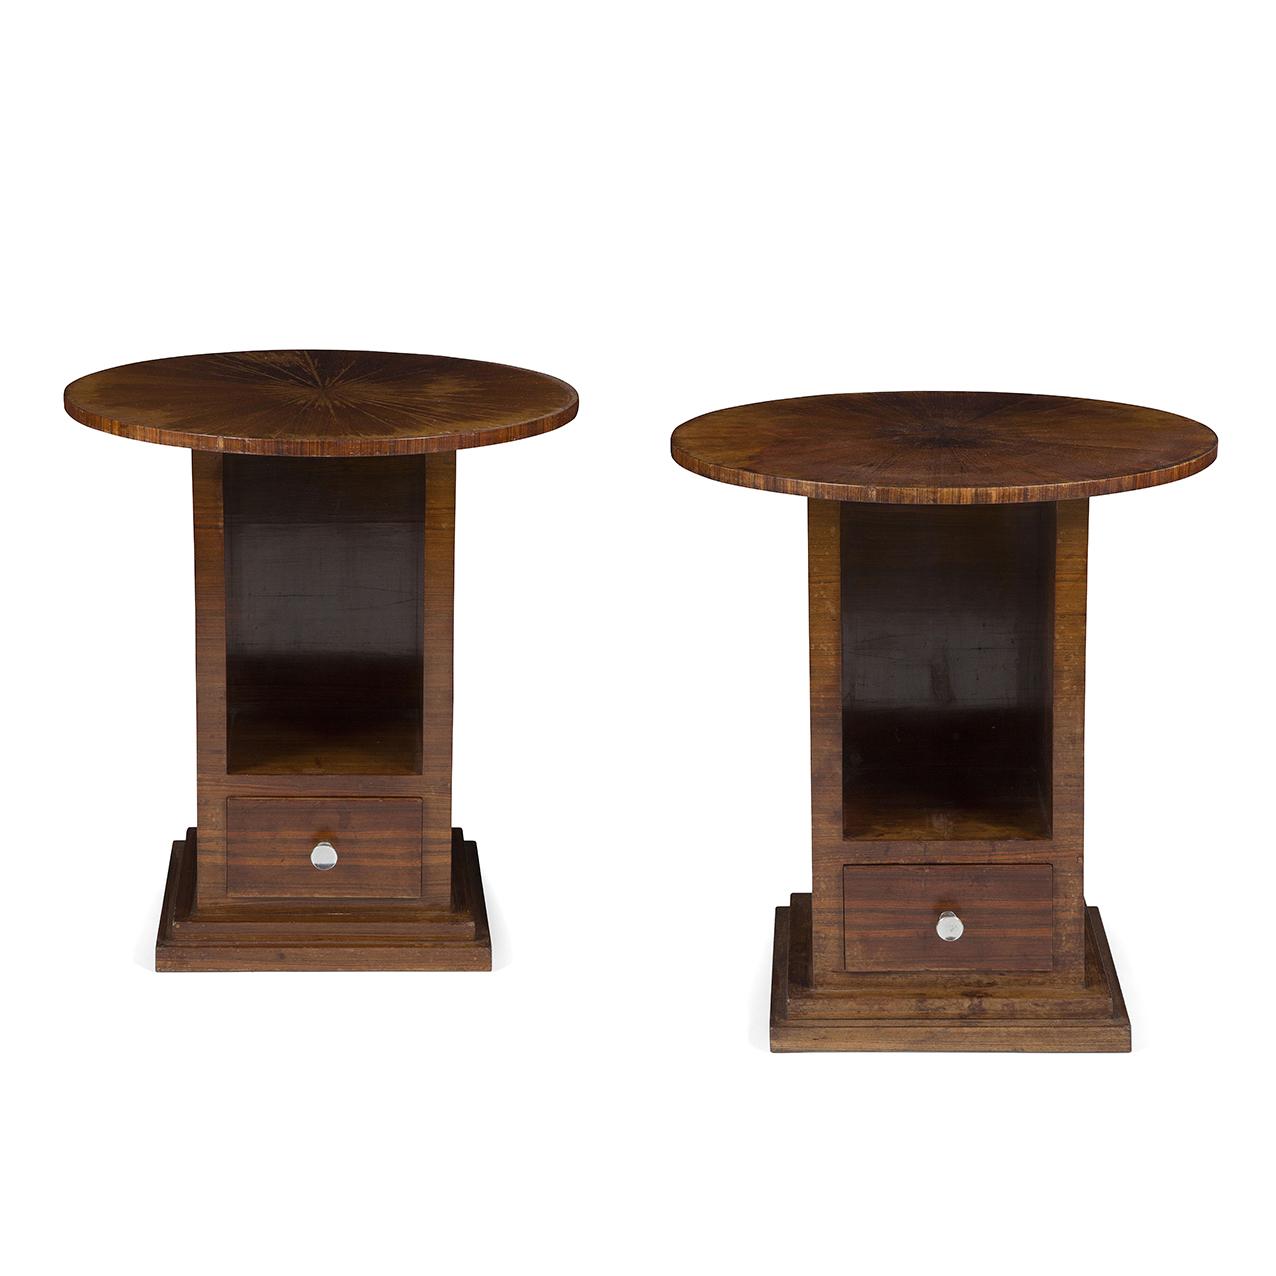 jules leleu 1883 1961 rare paire de bouts de canap ou de tables d 39 appoint ou chevets en placag. Black Bedroom Furniture Sets. Home Design Ideas